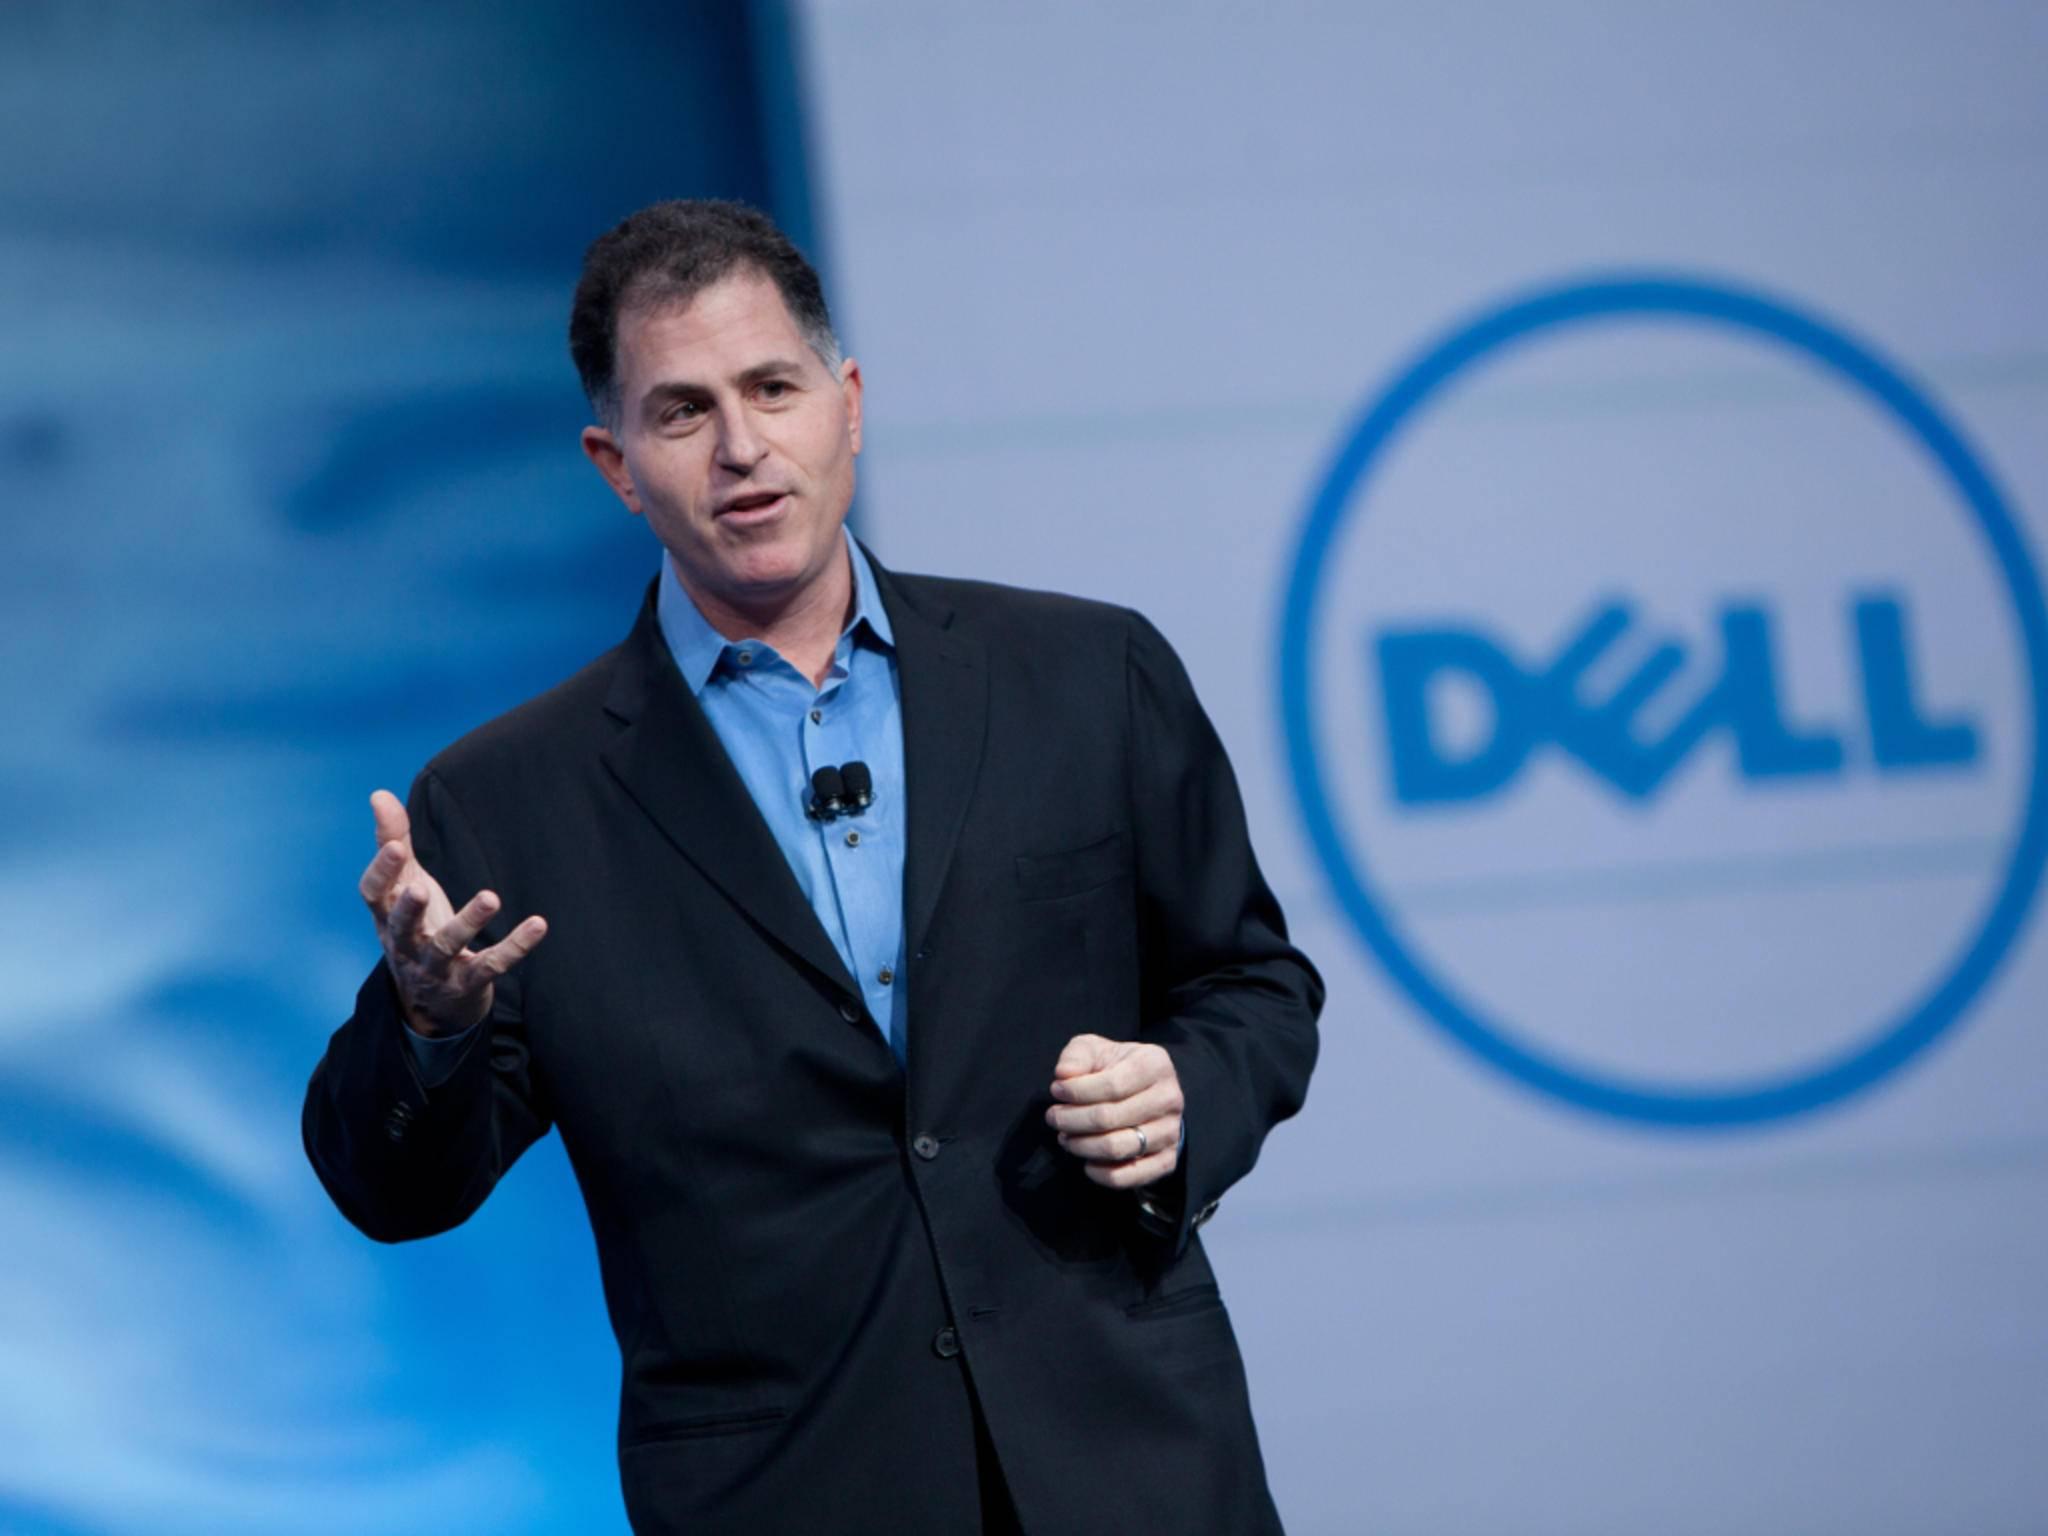 Dell-Gründer Michael Dell gehörte zu den Pionieren der PC-Industrie und besitzt heute ein Vermögen von 19,2 Milliarden US-Dollar.